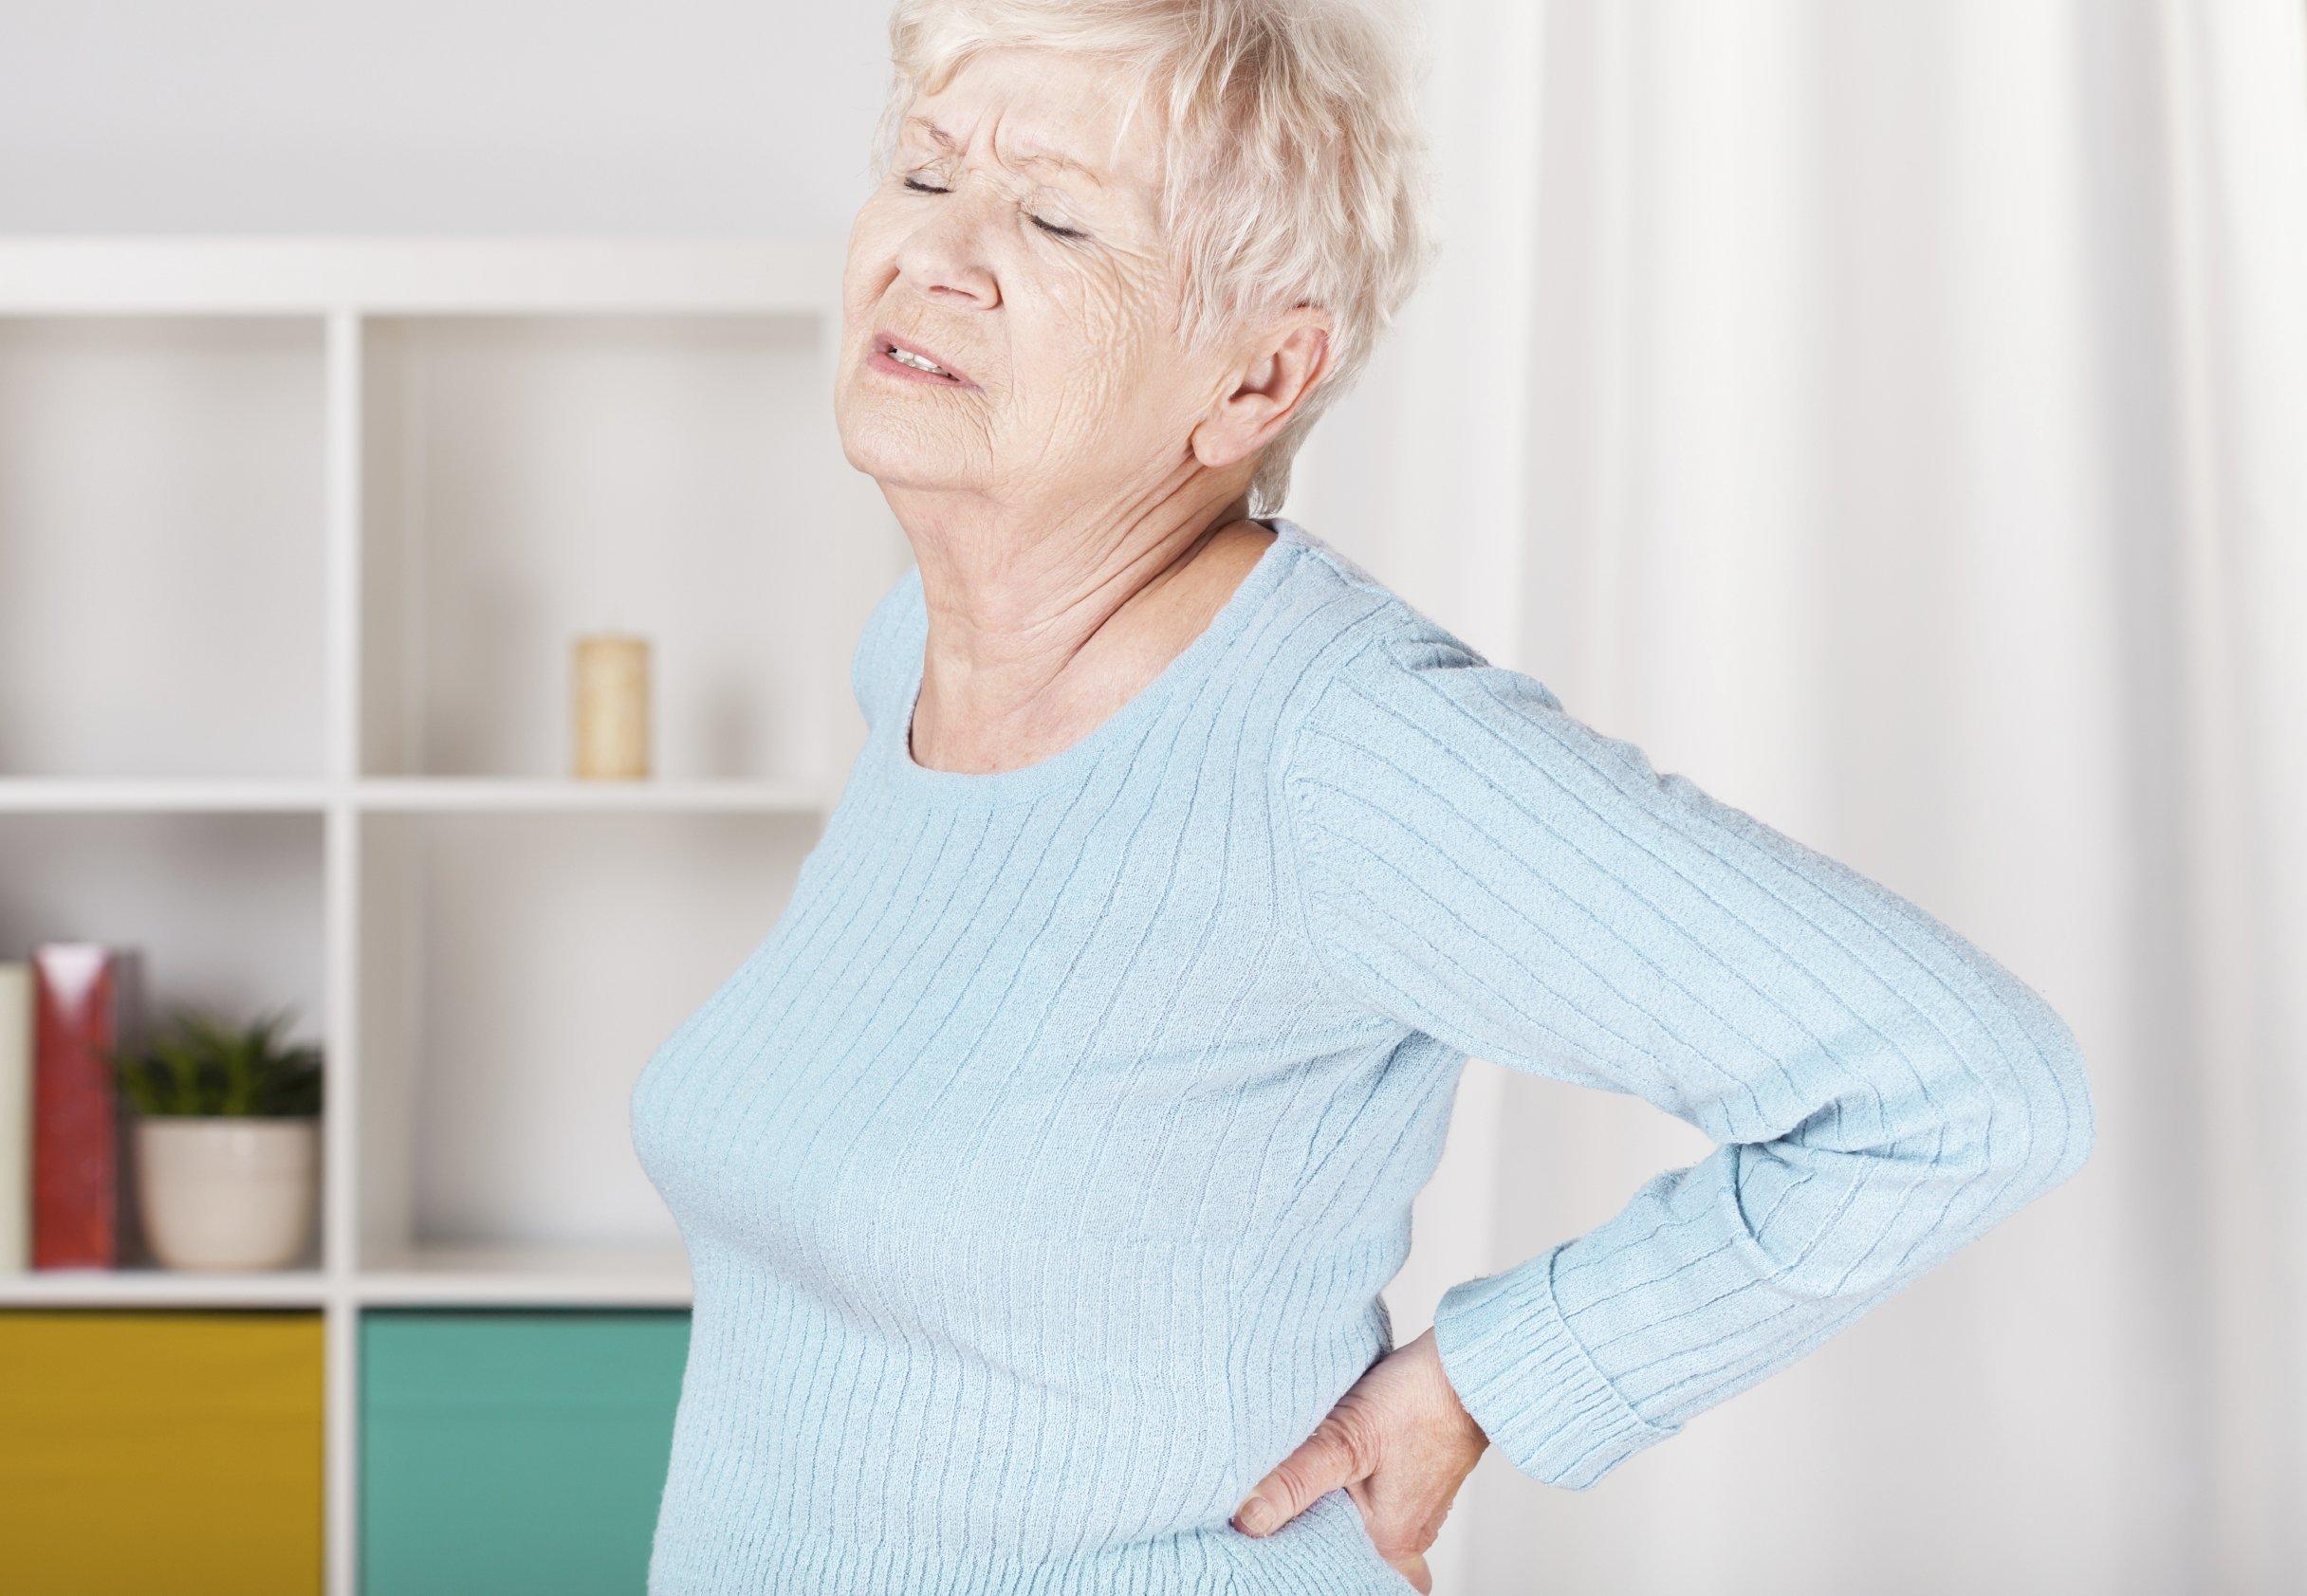 back painistock 000054325480 large.jpg?resize=1200,630 - Câncer pouco conhecido tem como sintoma dor nas costas: Saiba mais!